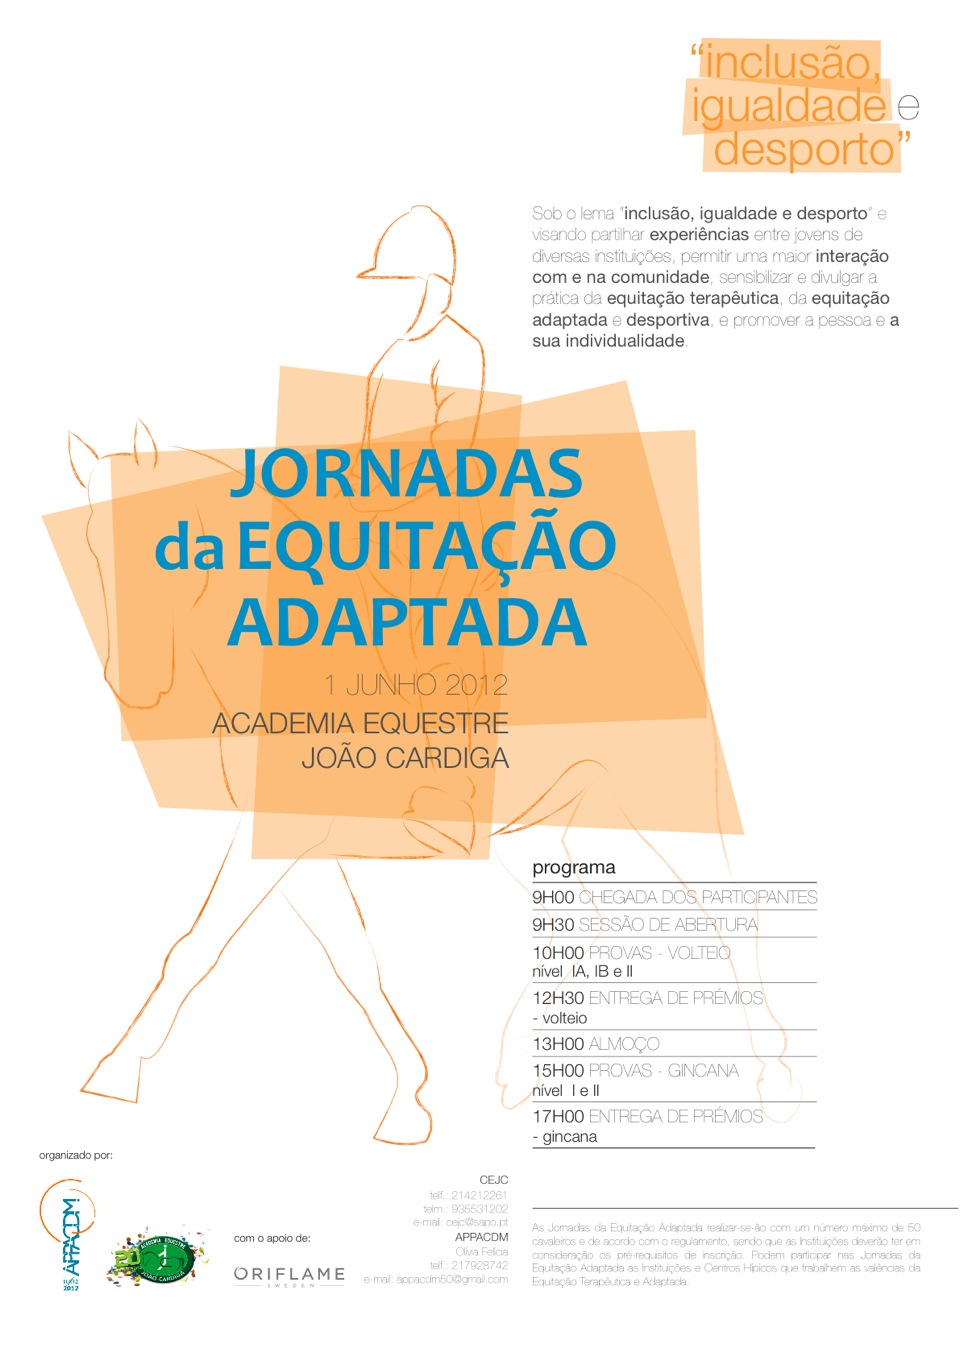 Imagem do cartaz do evento de Equitação Adaptada